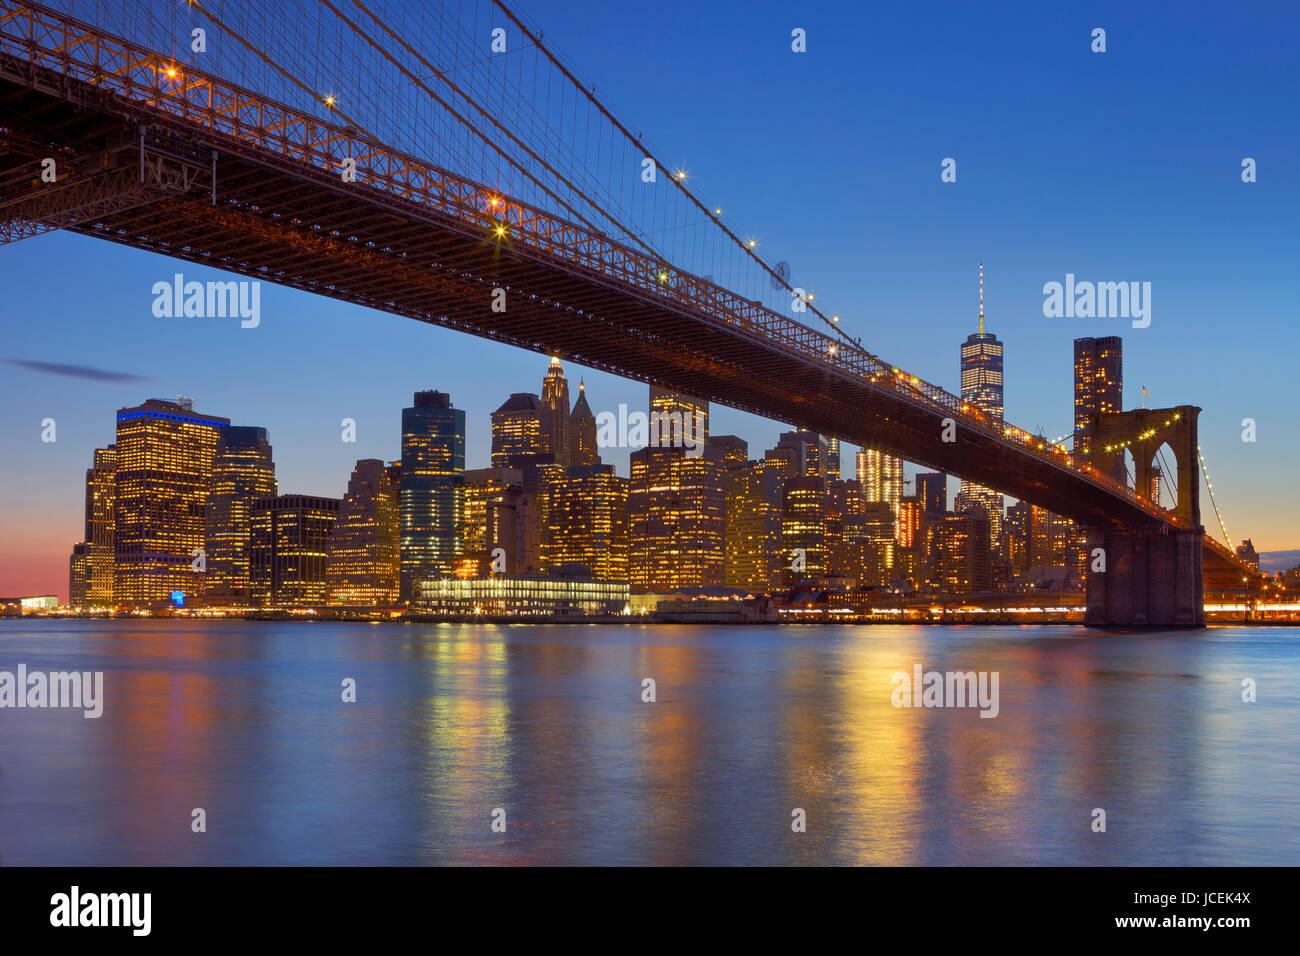 Il Ponte di Brooklyn a New York skyline della città sullo sfondo, fotografato al tramonto. Immagini Stock